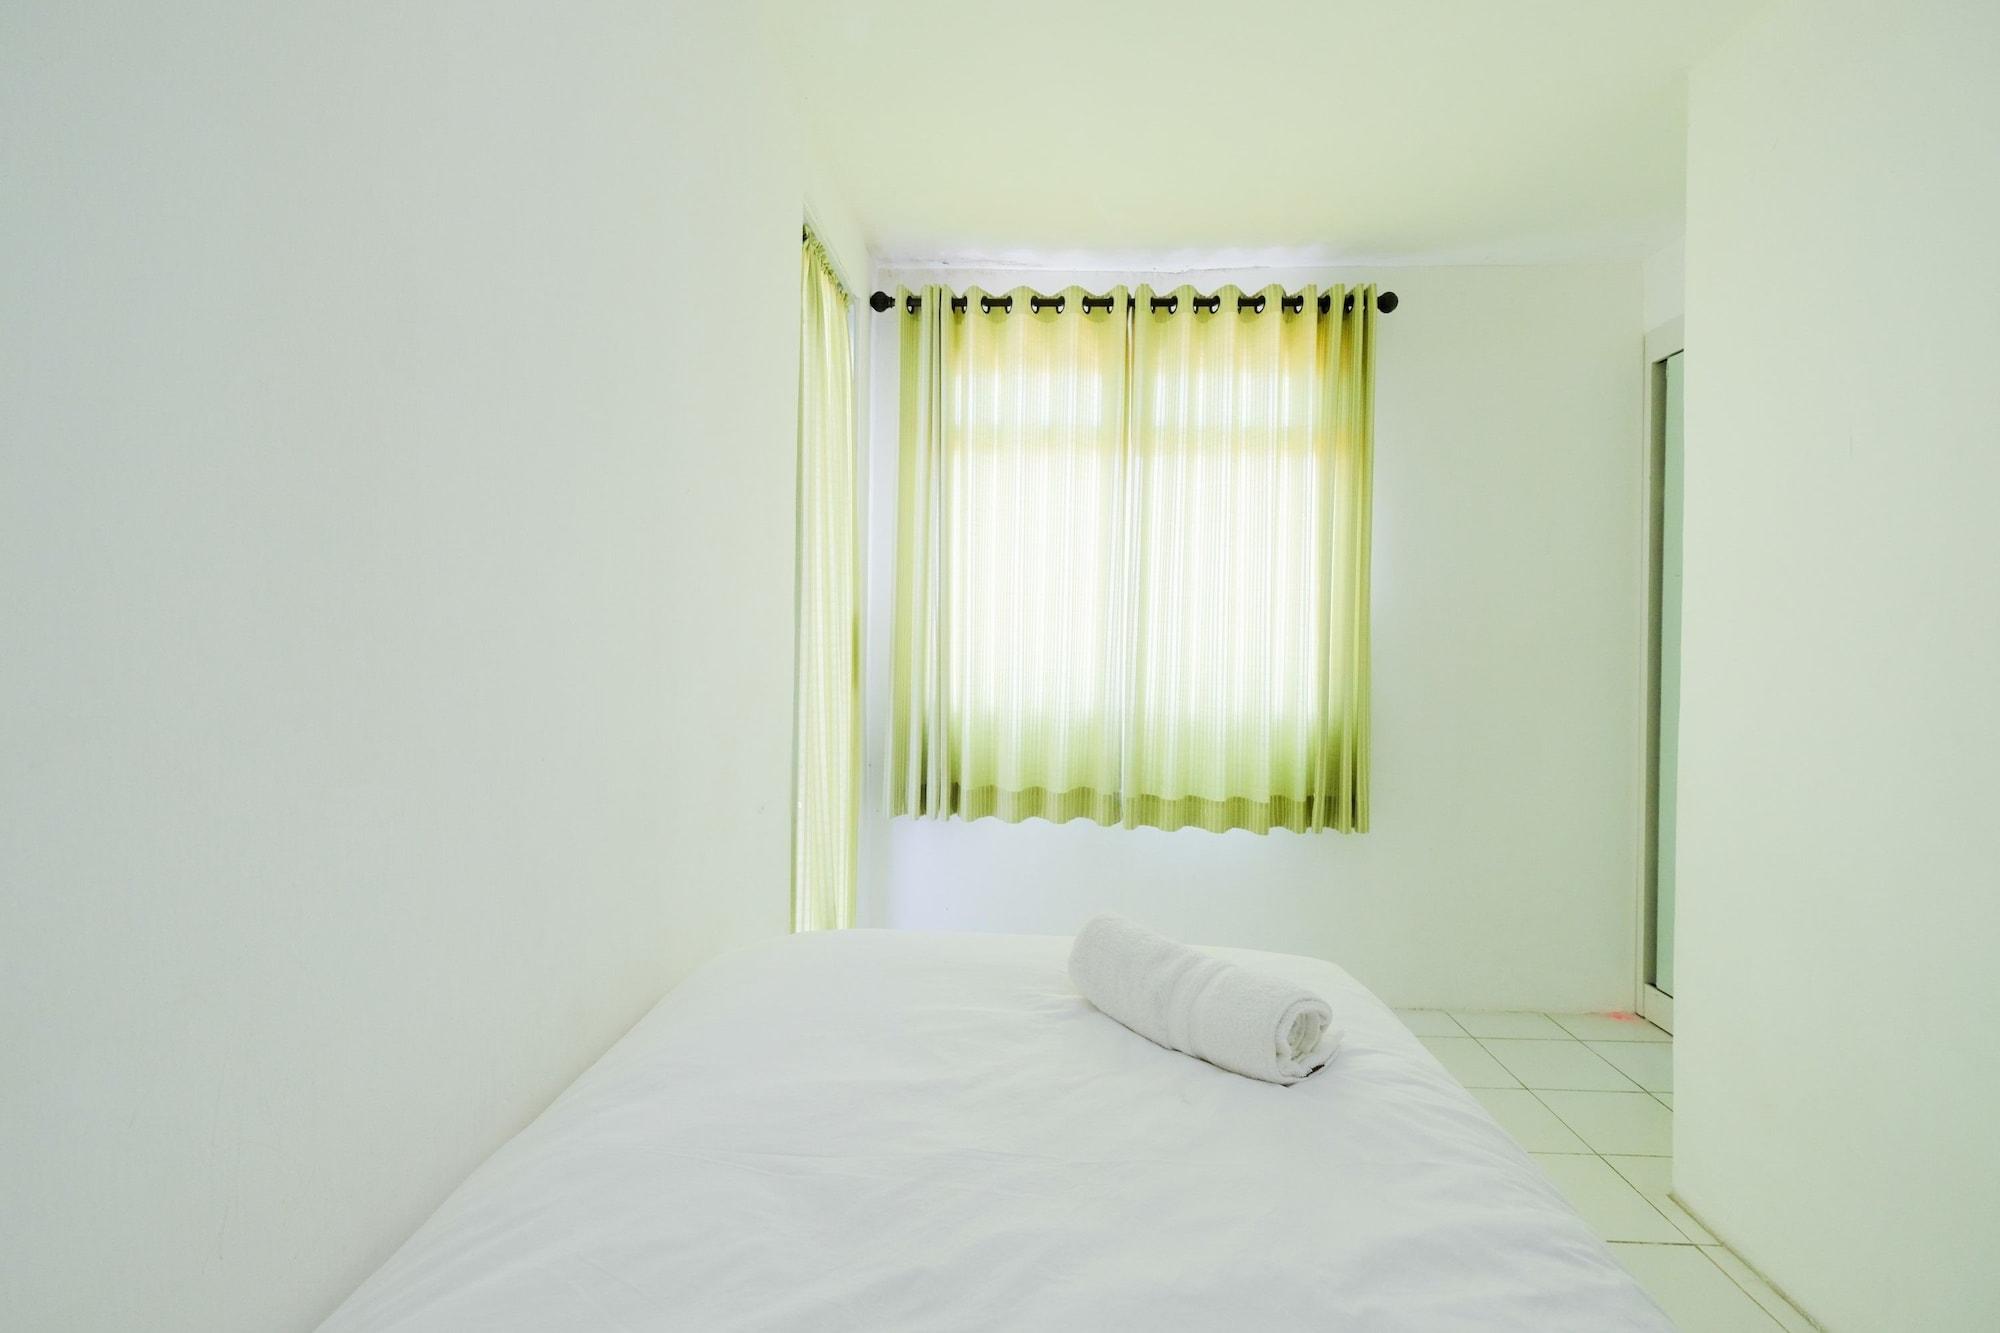 Homey 2BR Apartment at Paragon Village, Tangerang